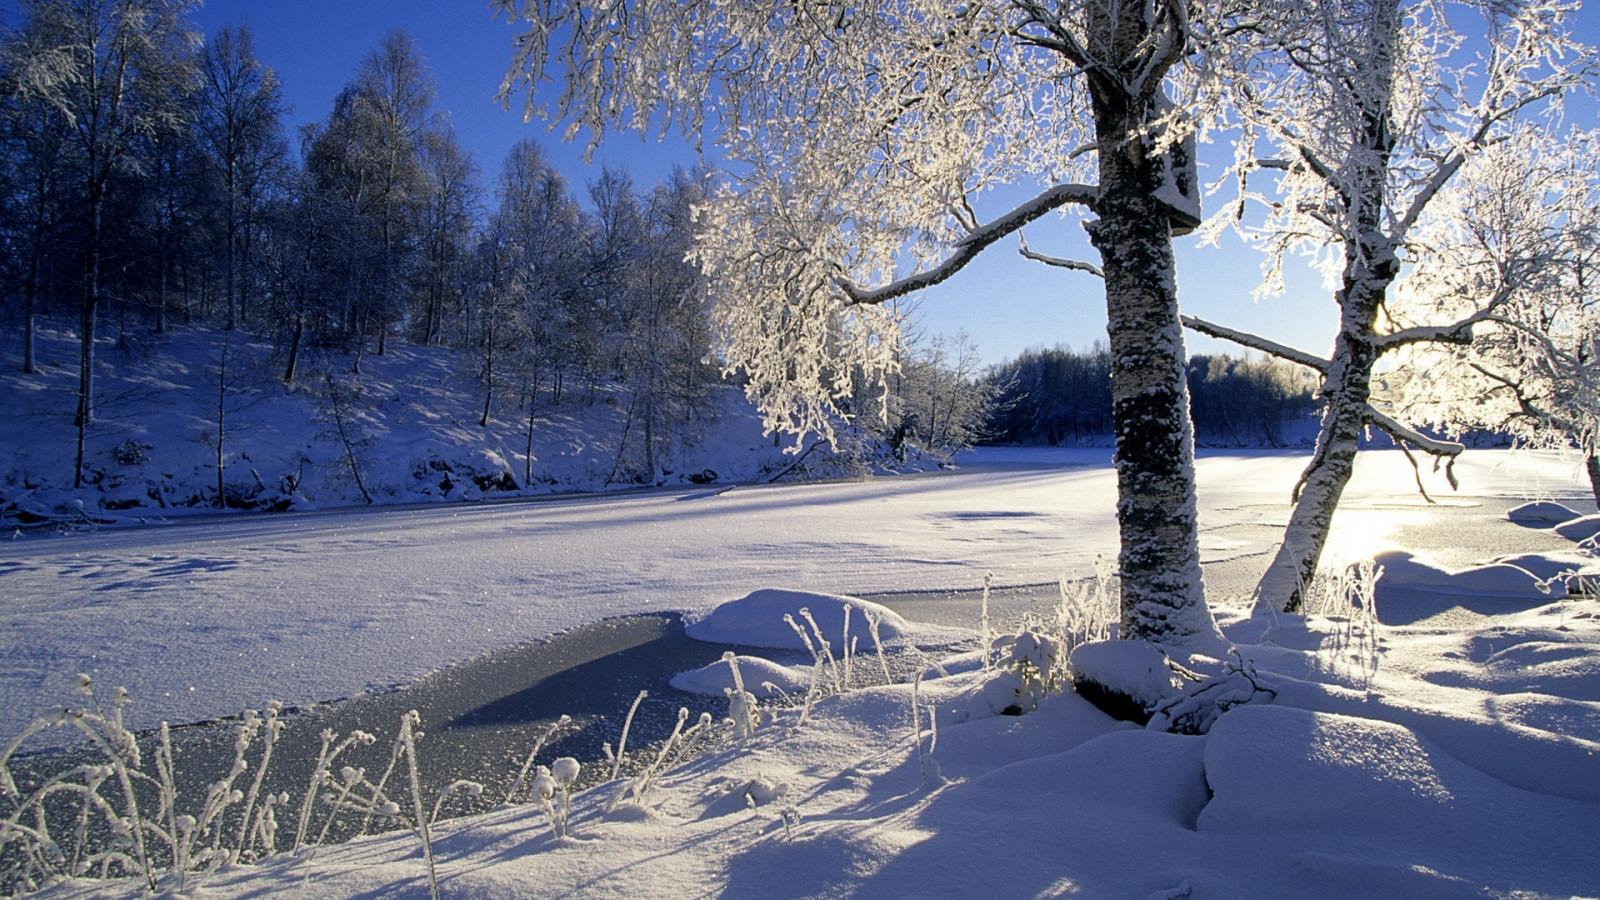 hintergrundbilder  1920x1080 px landschaft schnee